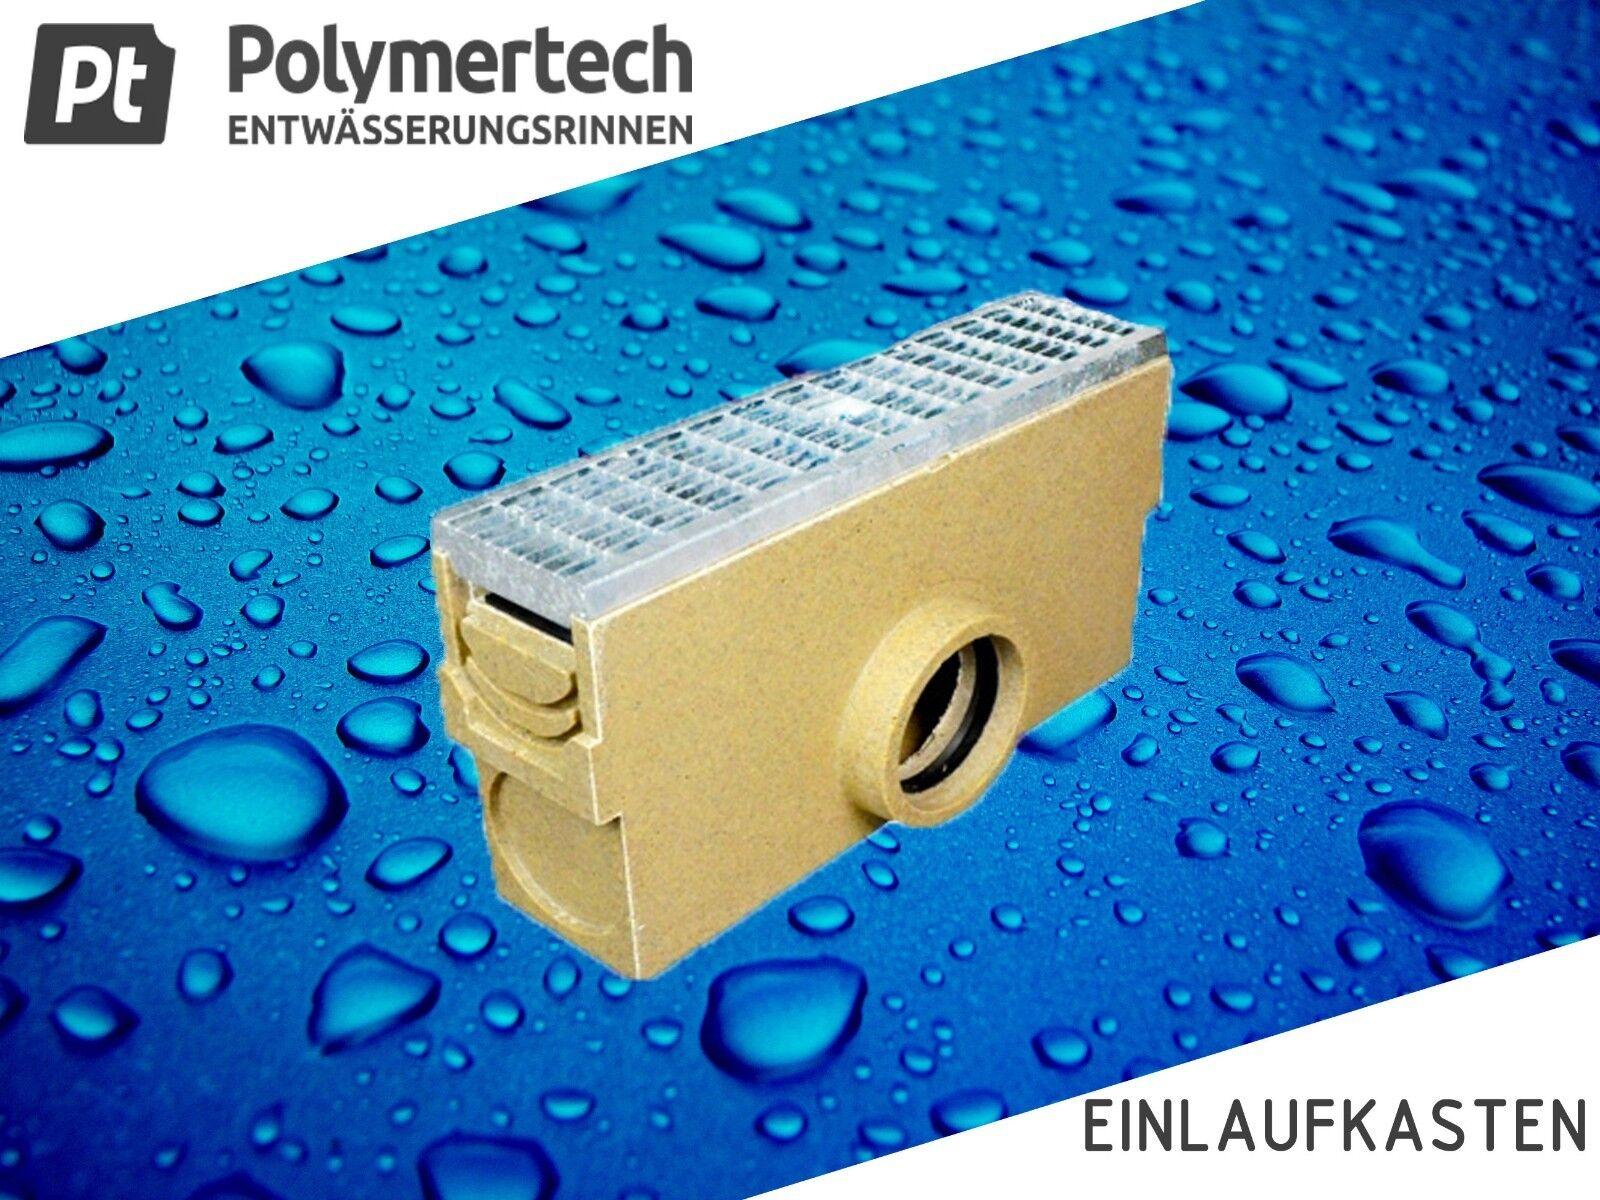 Polymerbeton Einlaufkasten inkl.Maschenrost verzinkt Kl.C-25 bis 25t